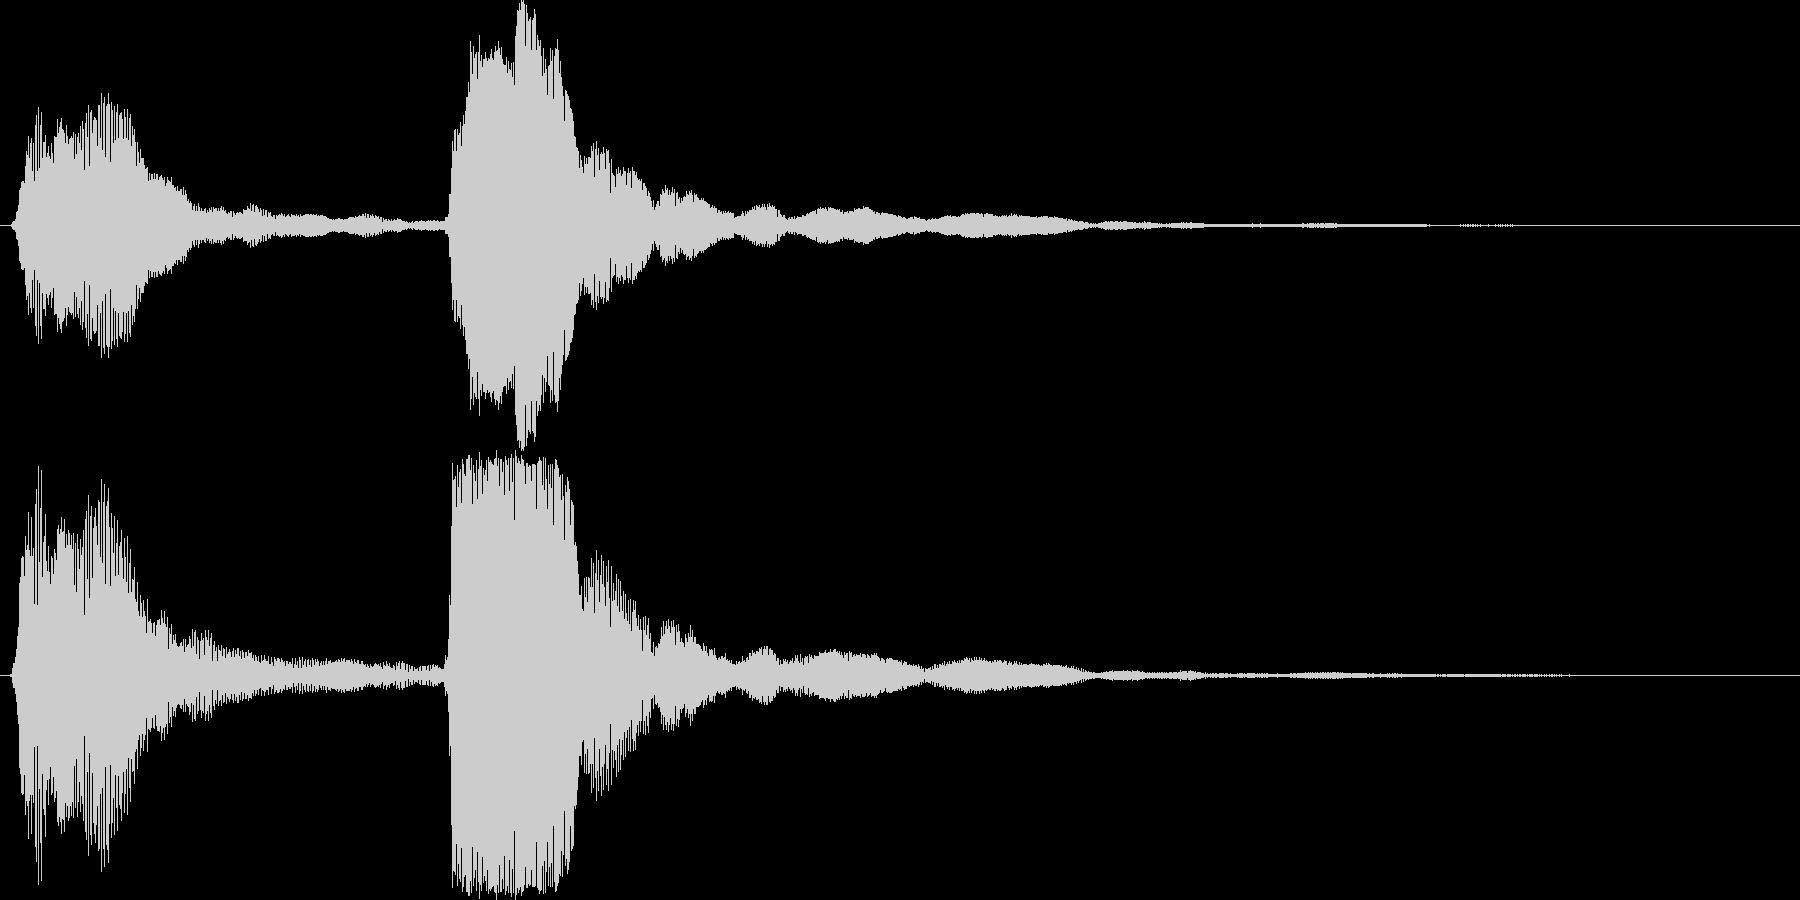 チャンチャン・オチの音(高)の未再生の波形